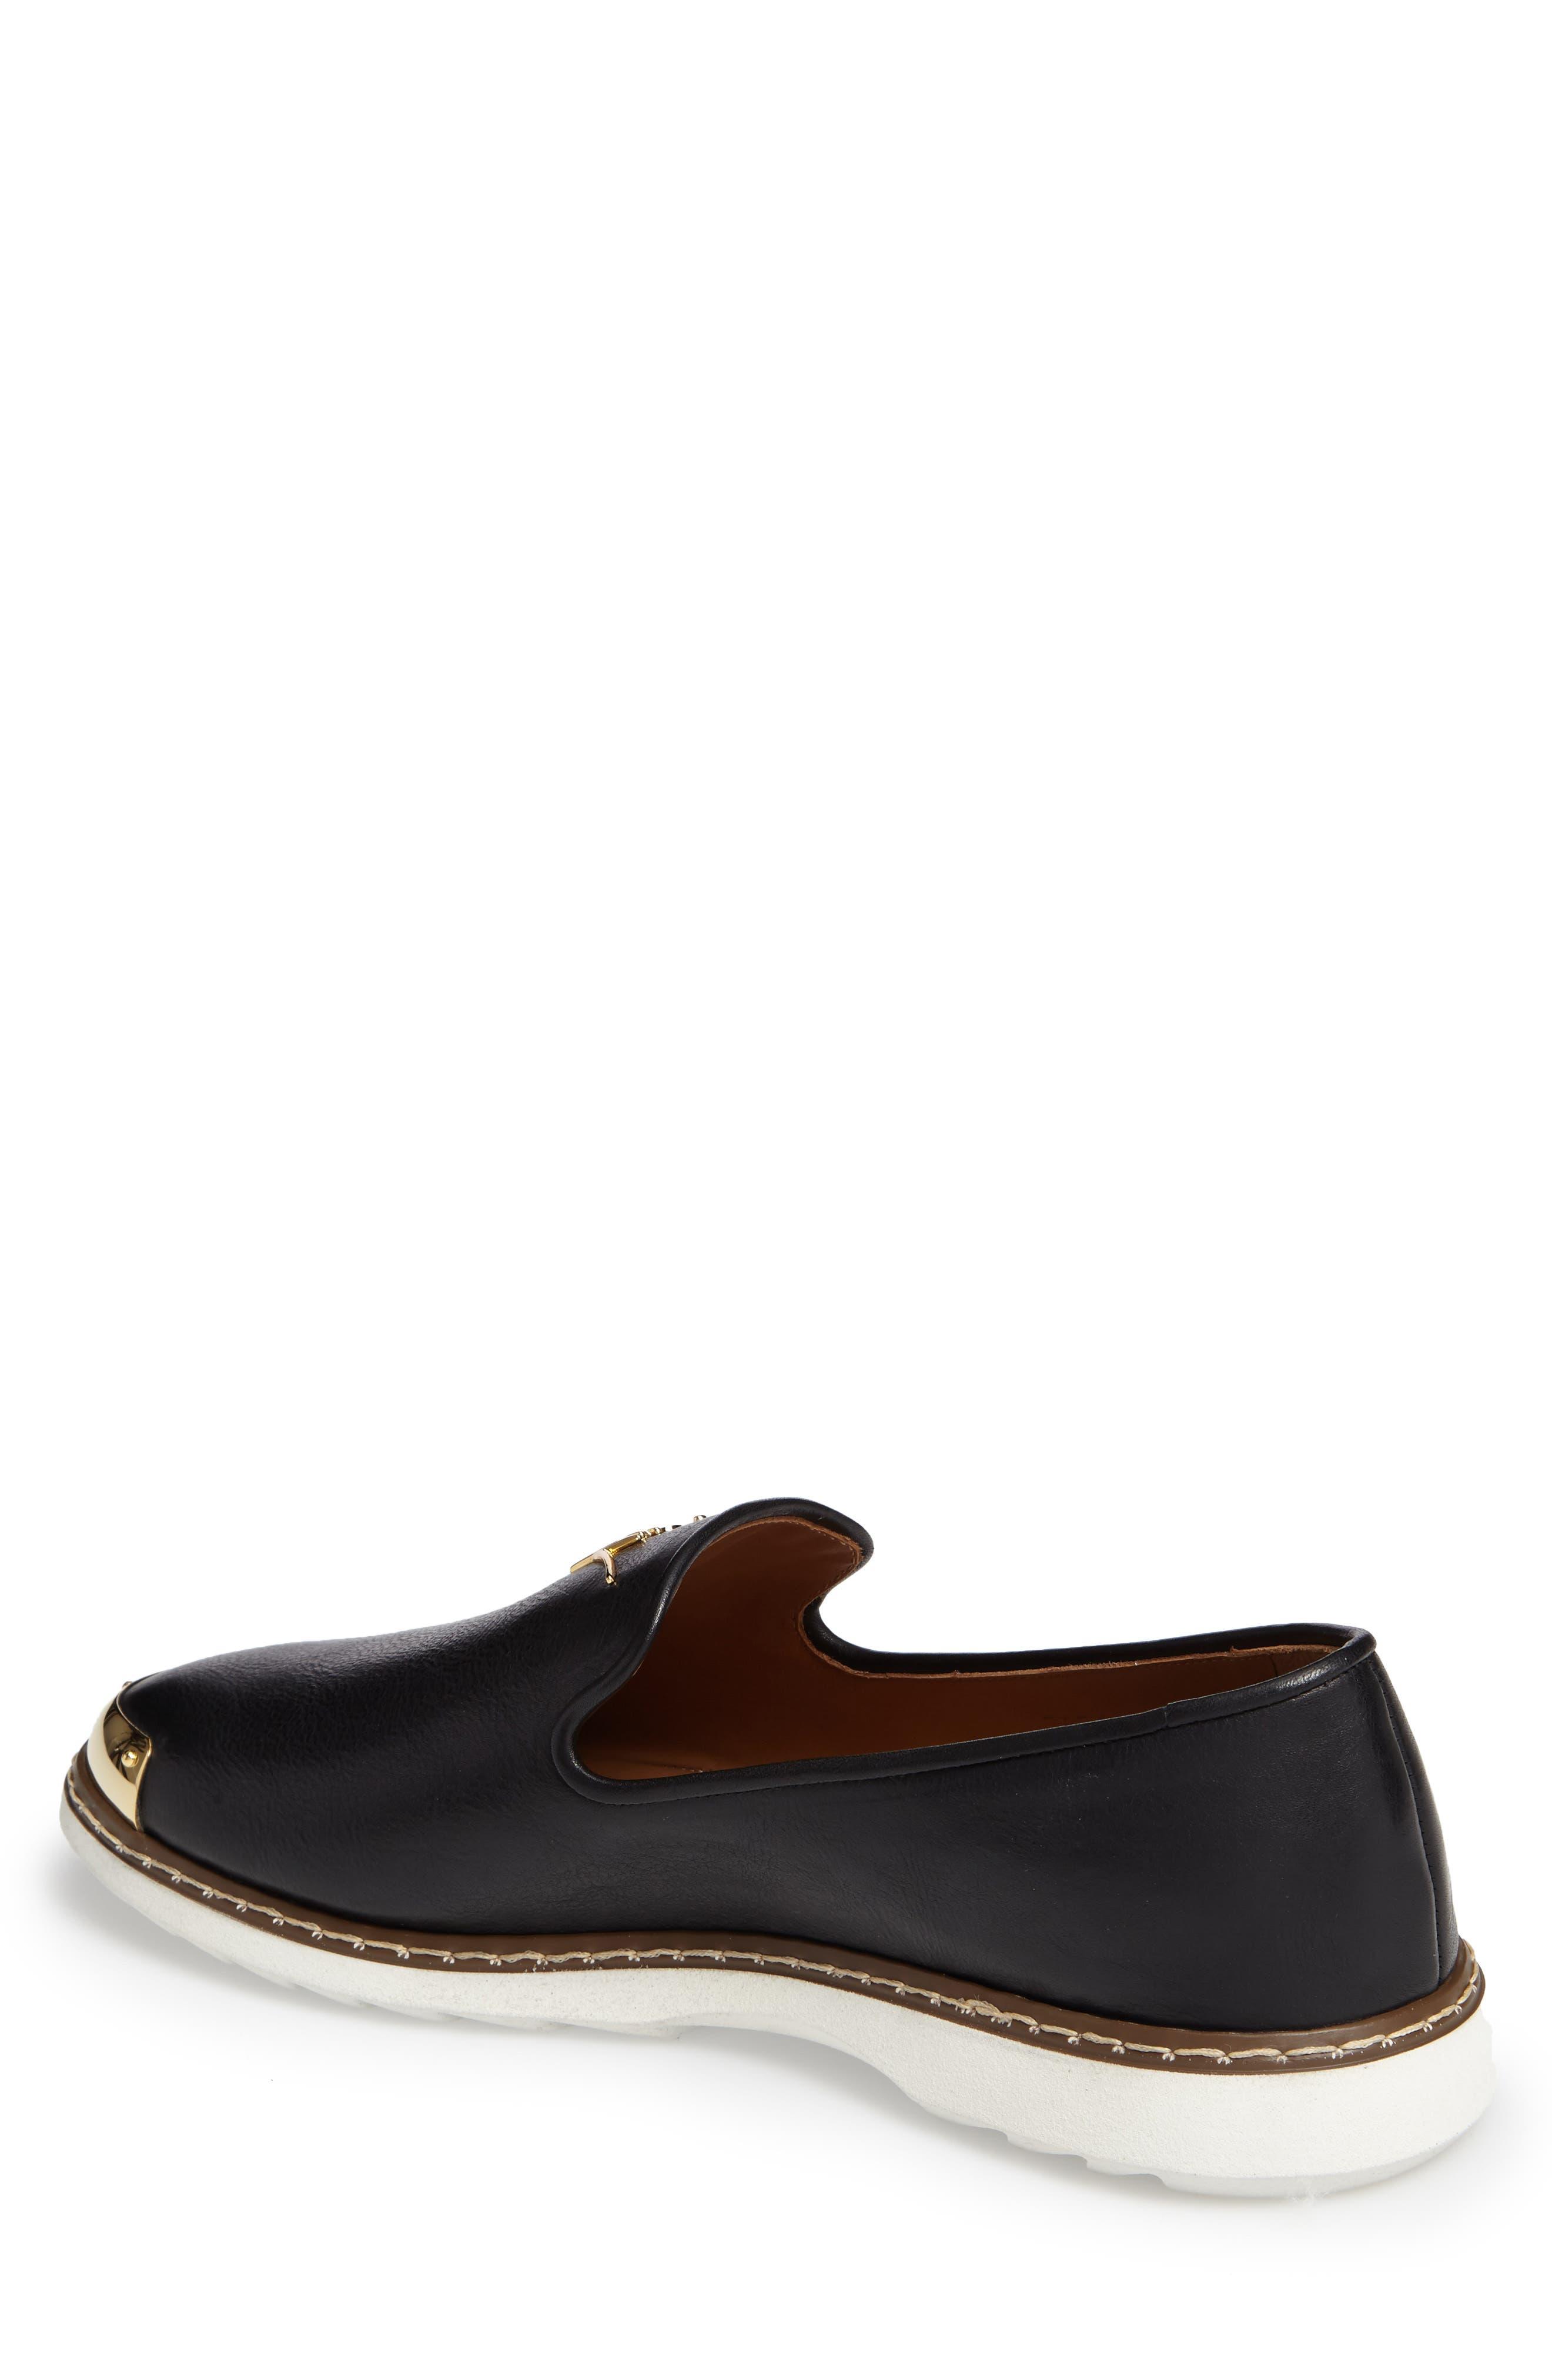 Alternate Image 2  - Giuseppe Zanotti Kevin Loafer Sneaker (Men)